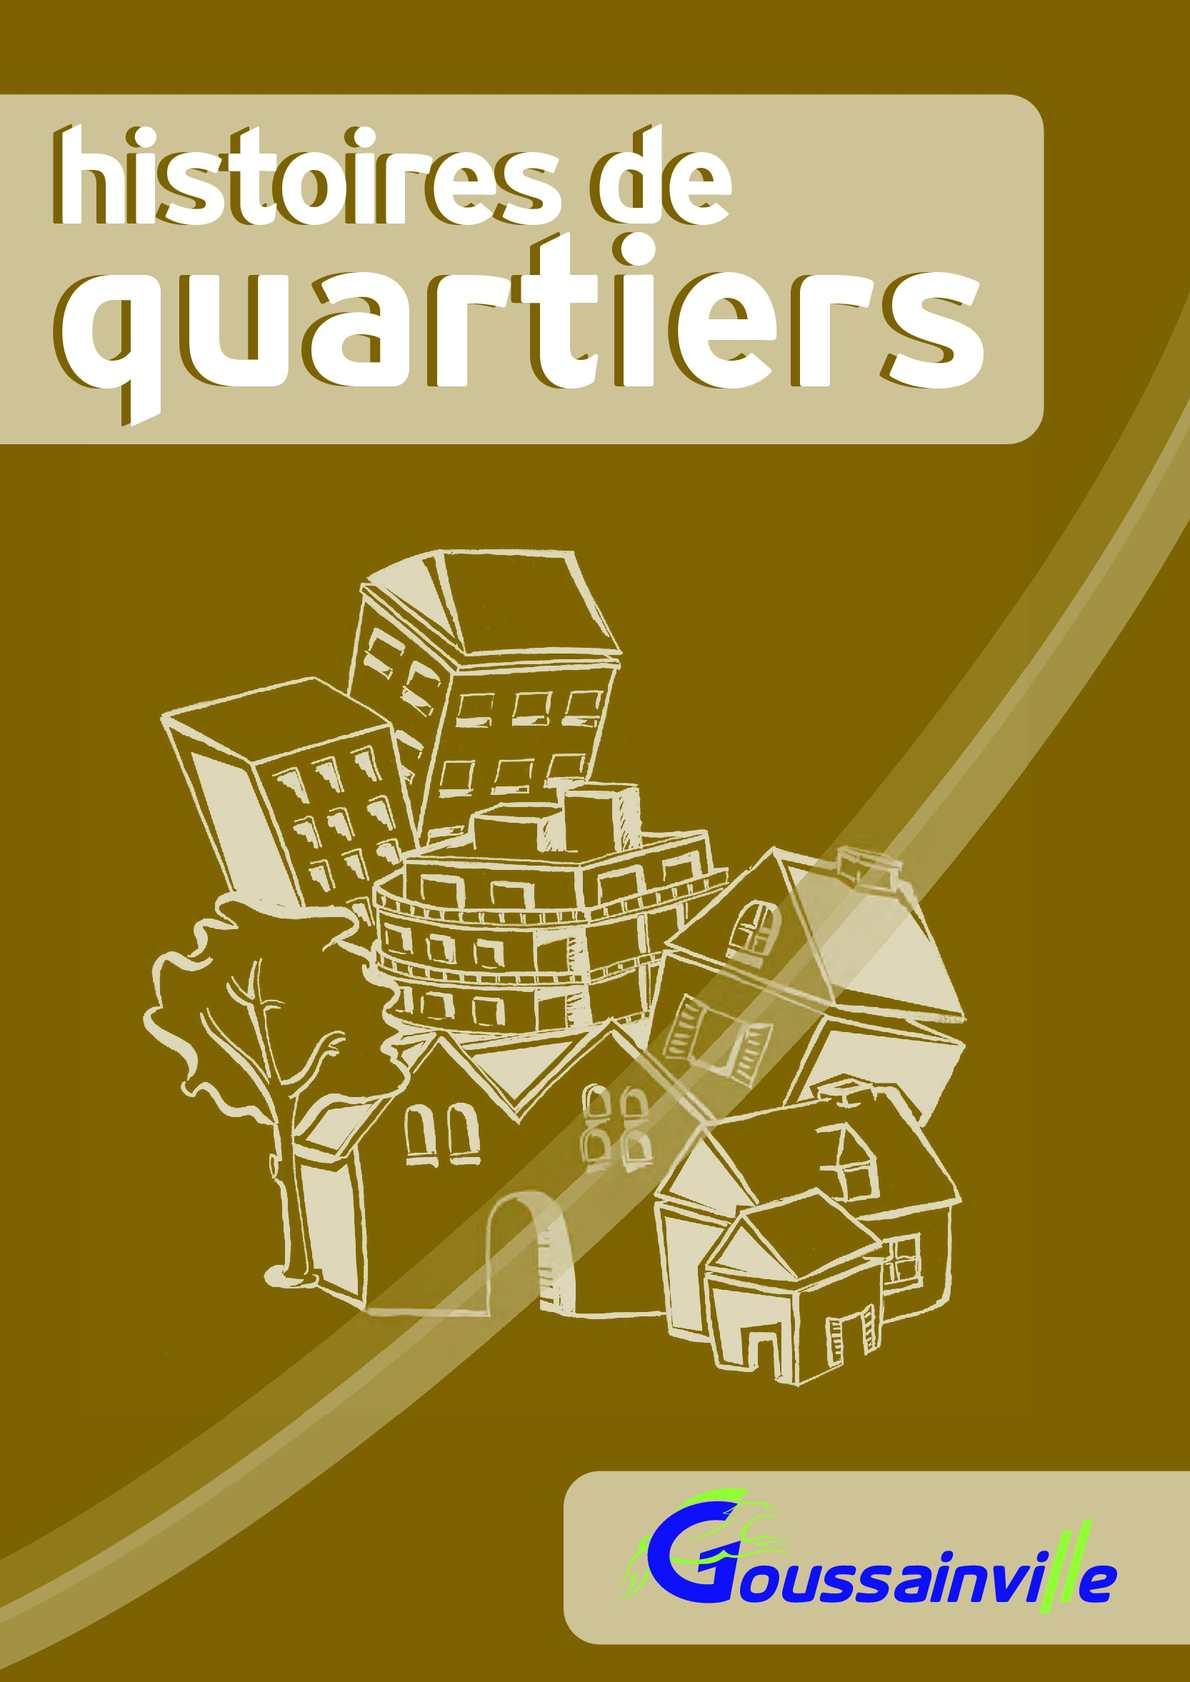 L'histoire des quartiers de Goussainville (95)